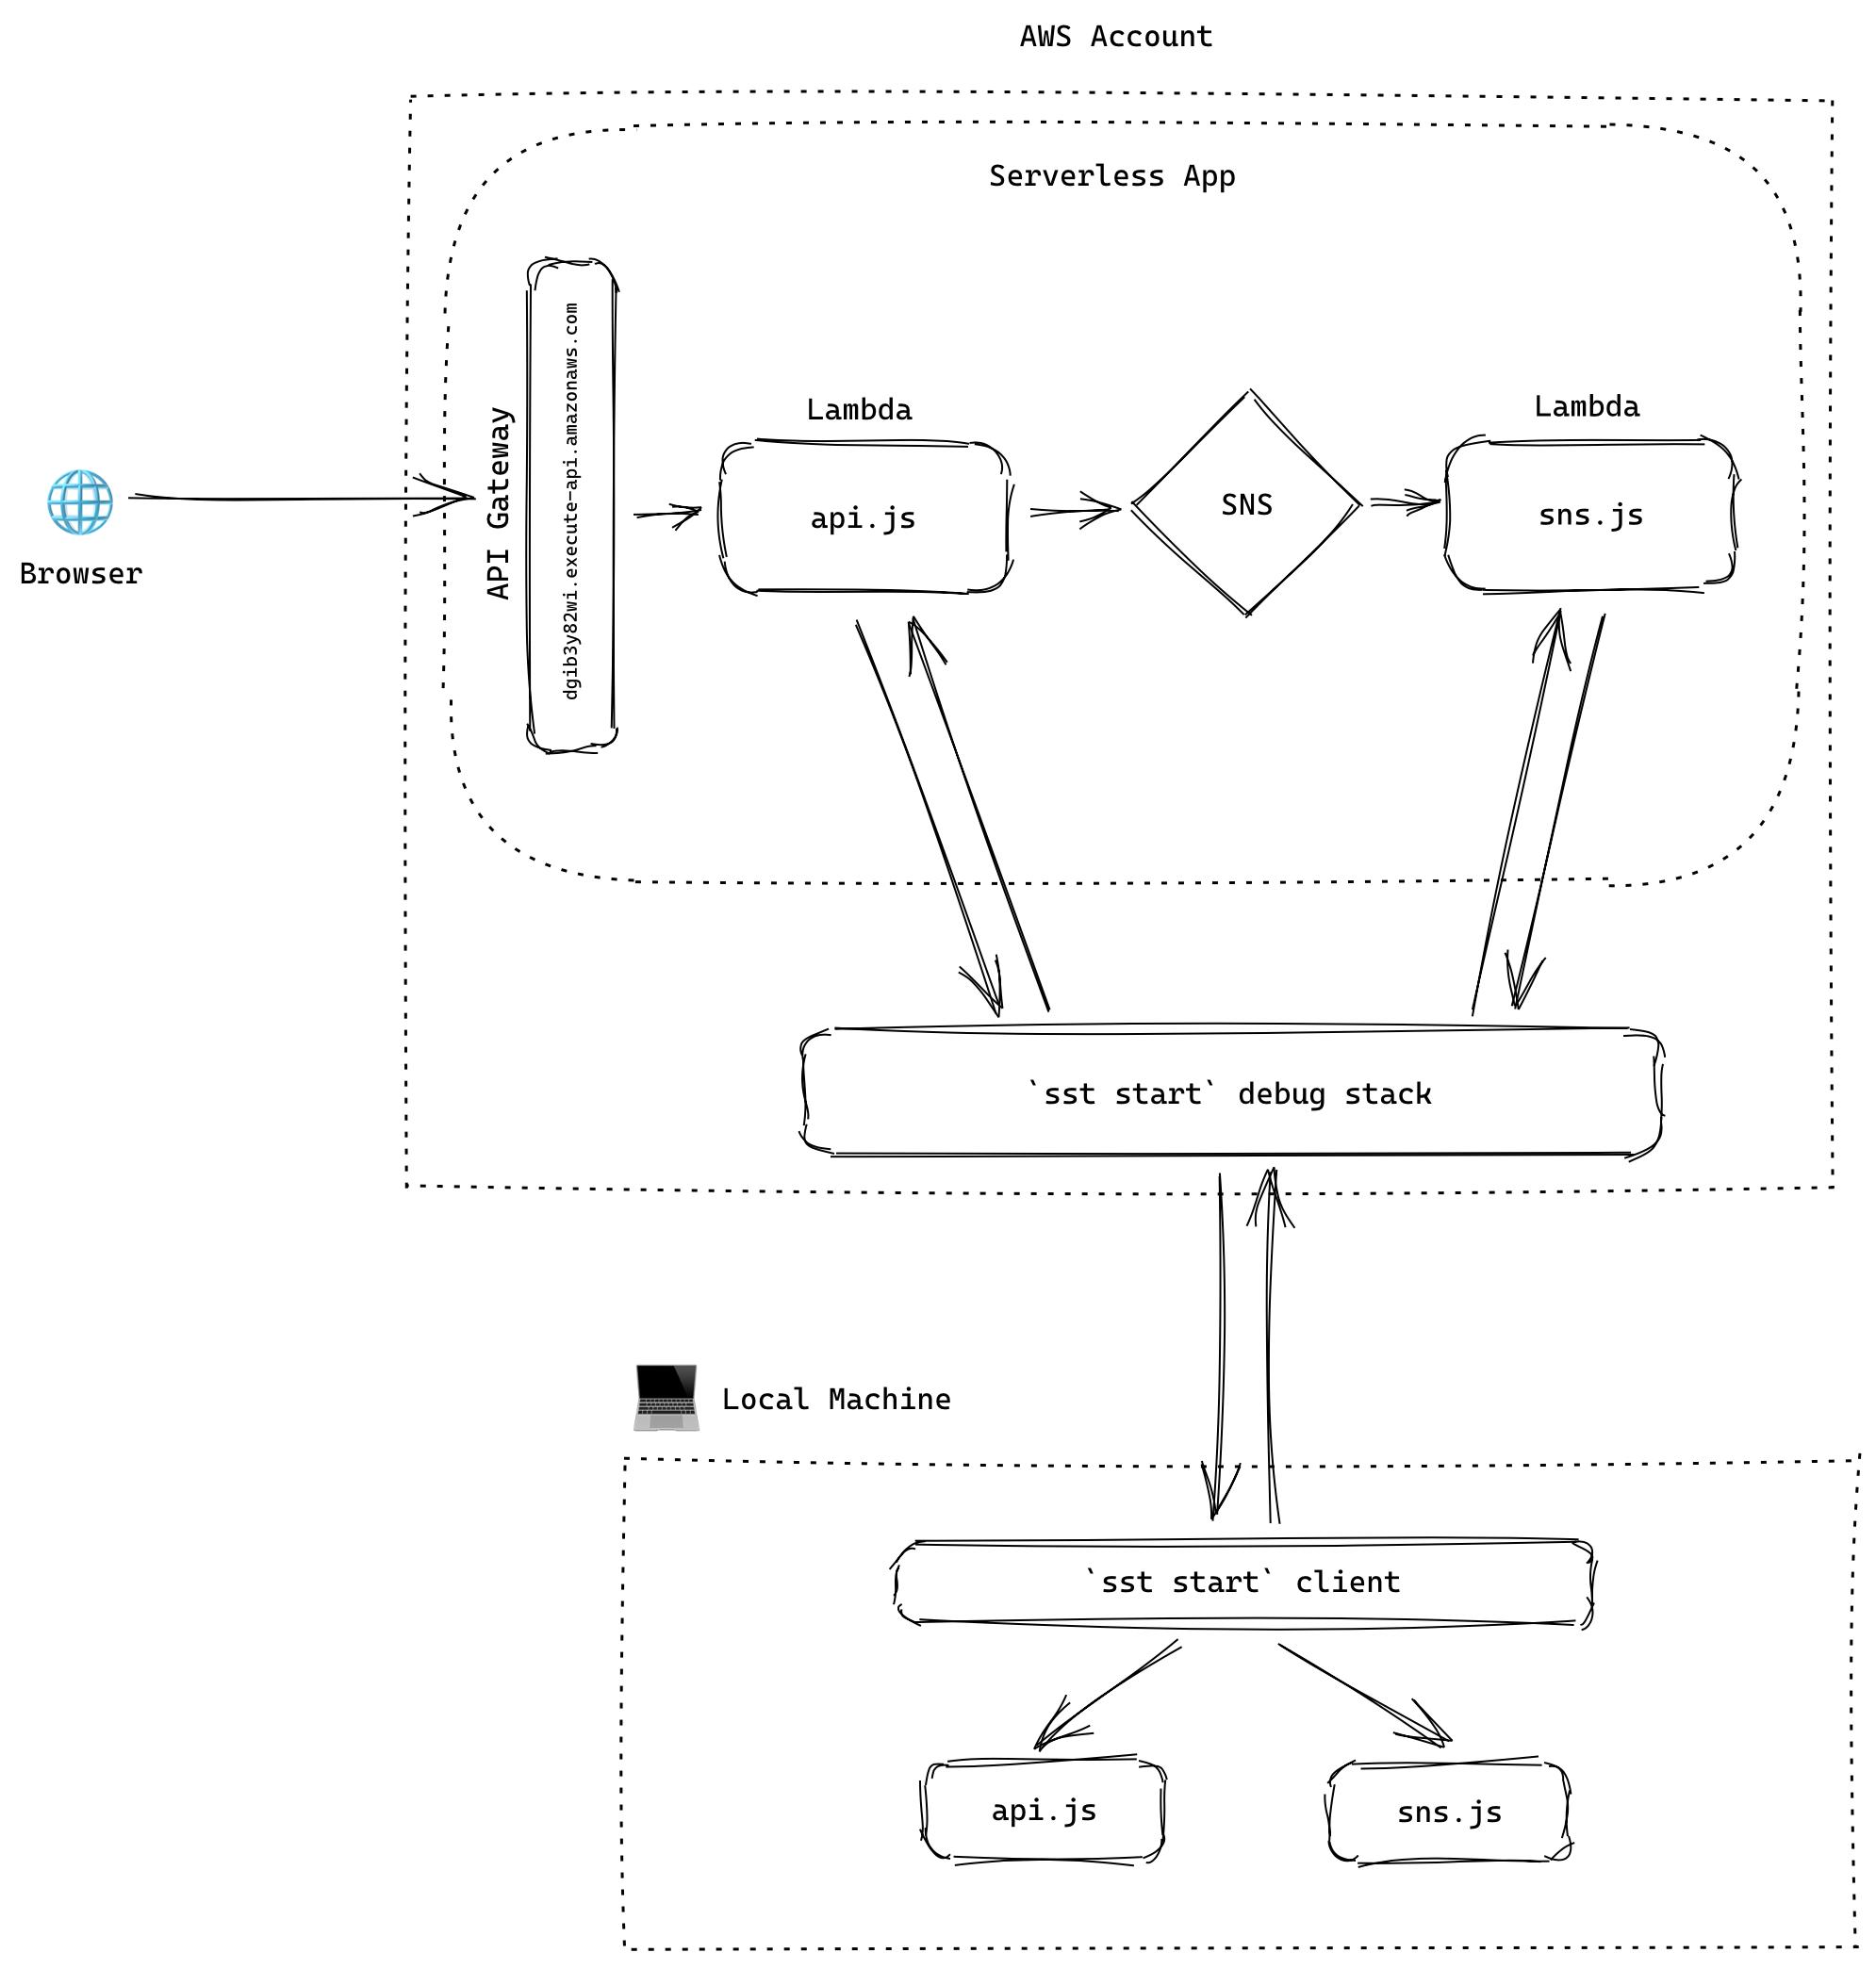 sst start demo architecture